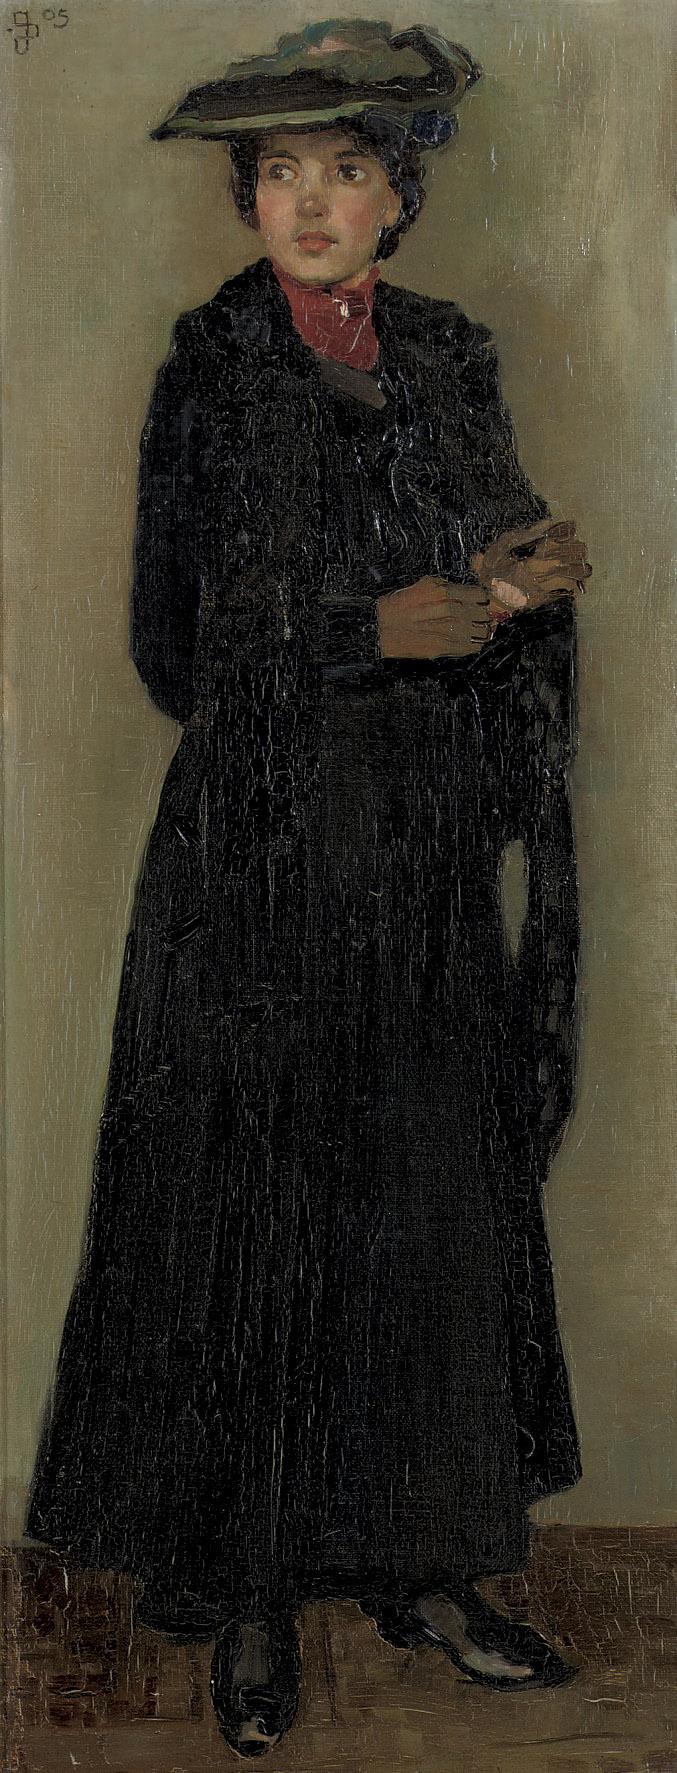 Jan Sluijters (1881-1957)